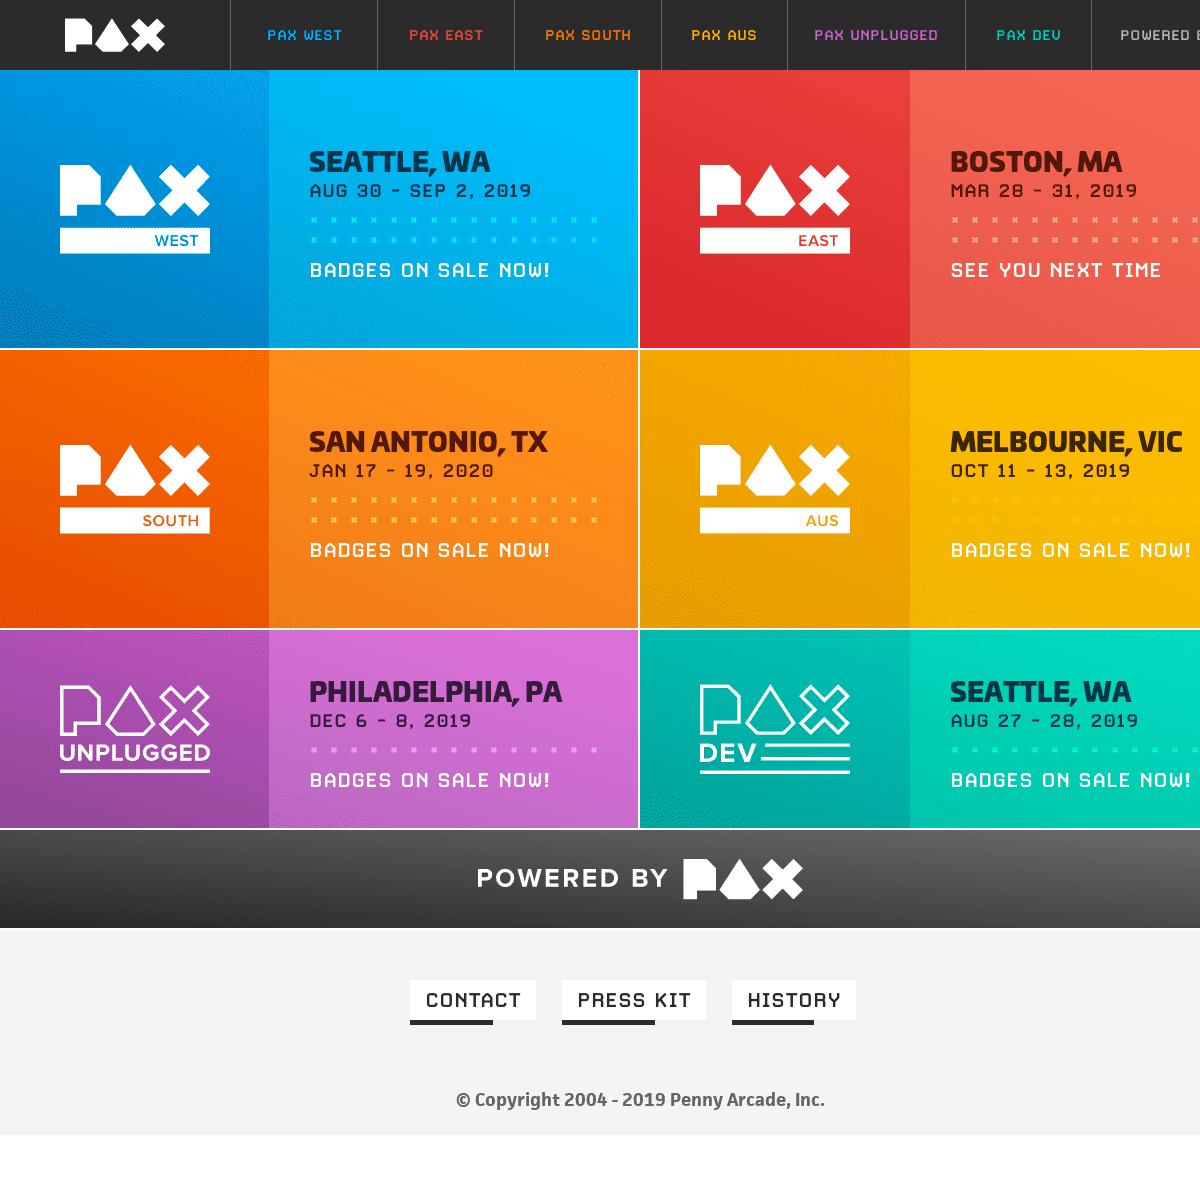 pax west 2020 tickets